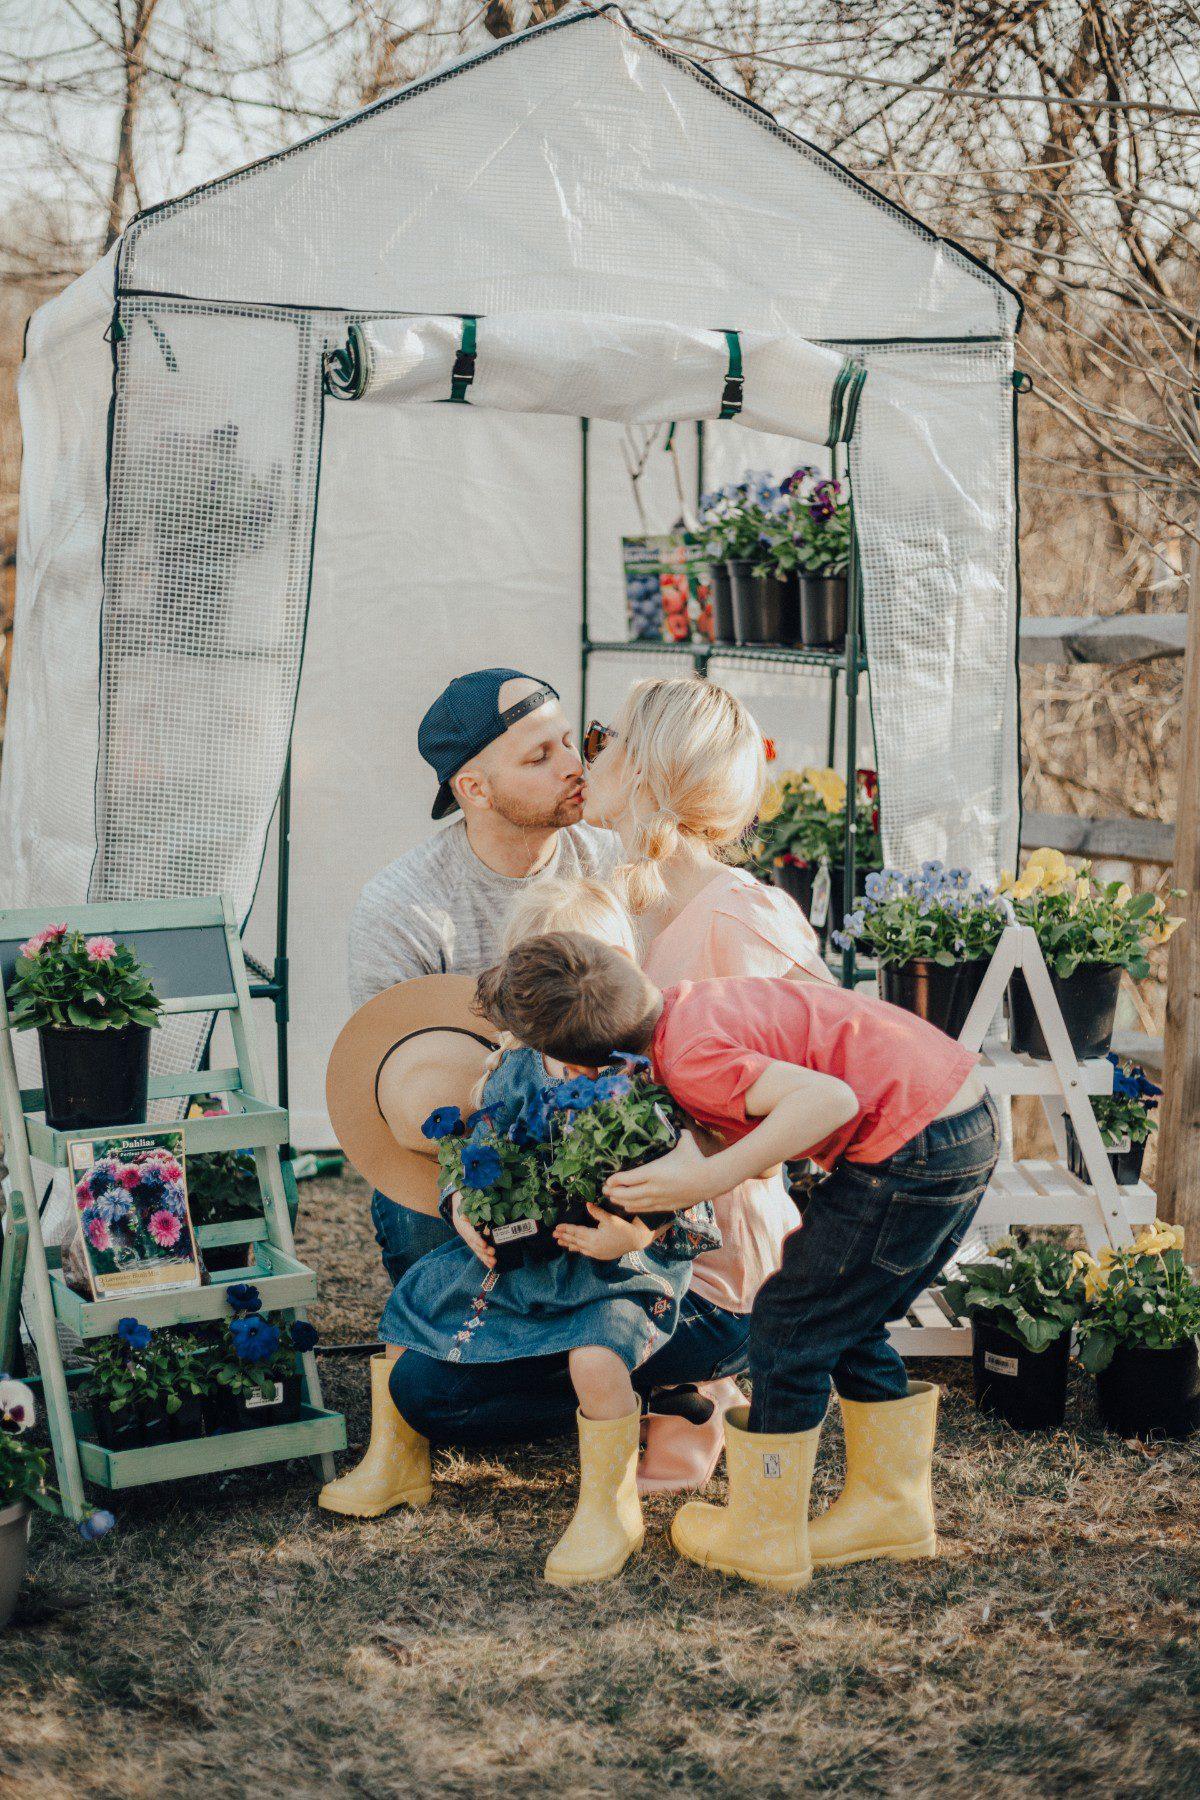 spring garden work children